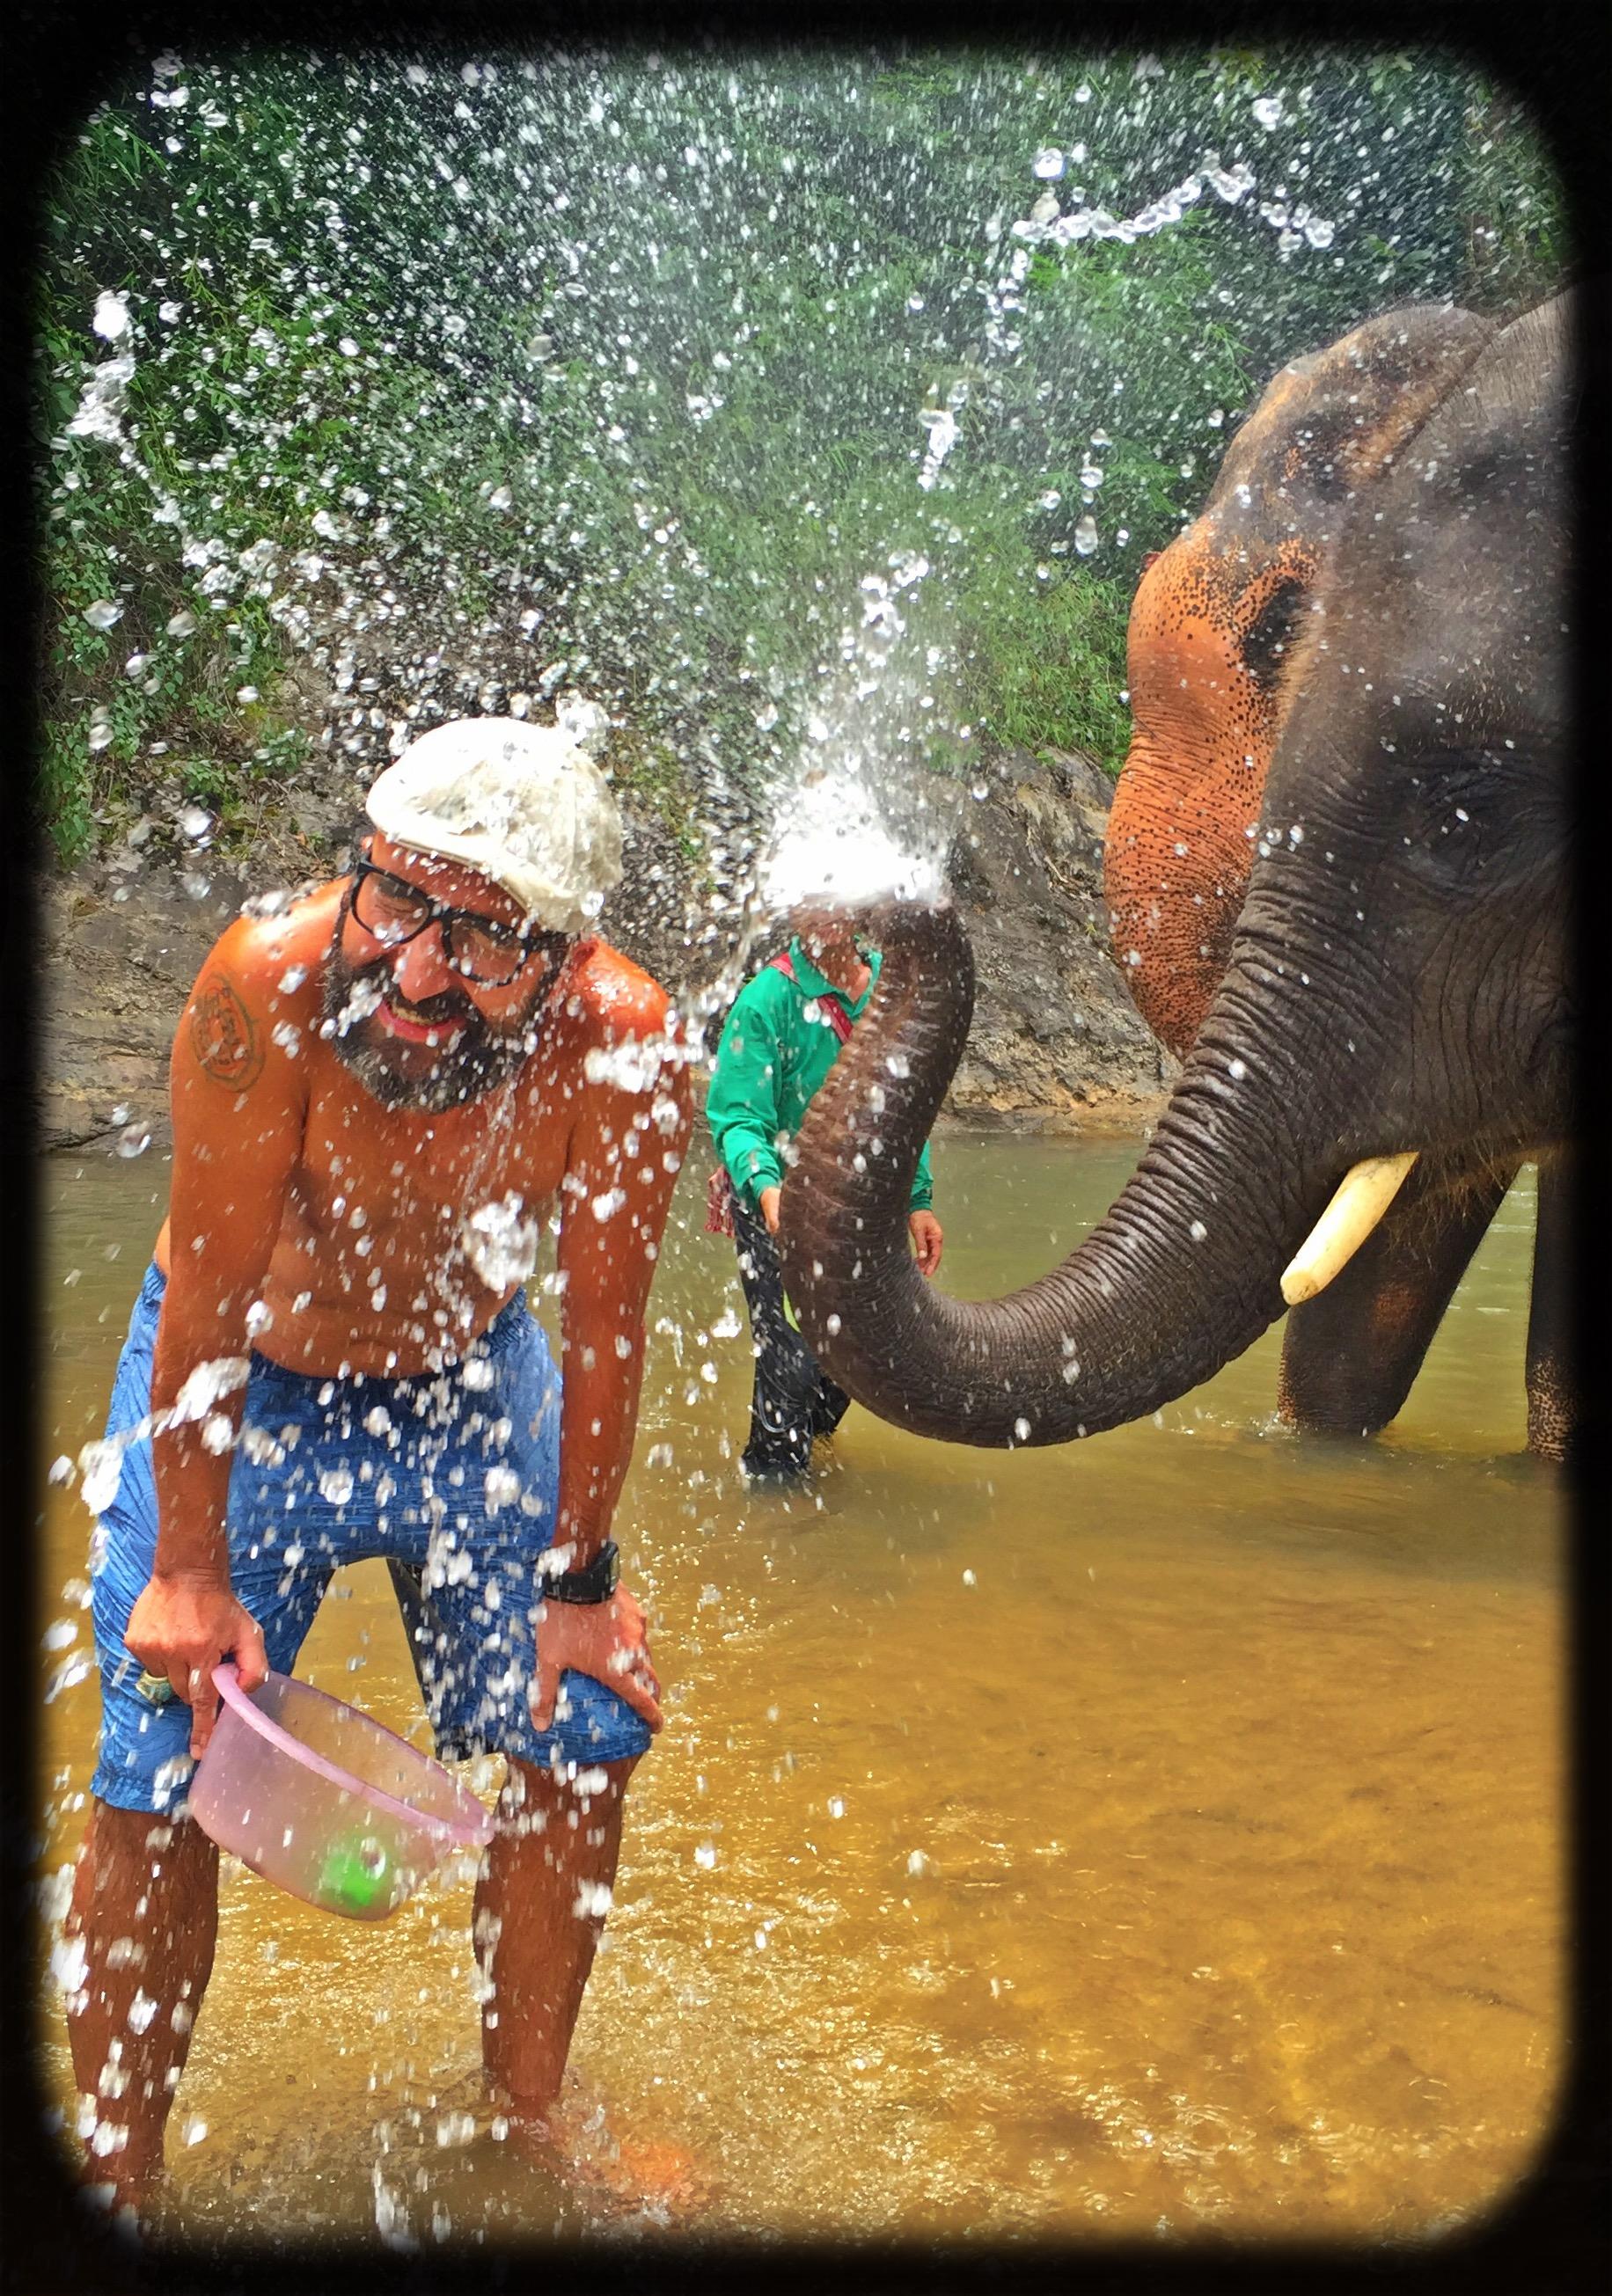 Reisen macht froh - Der Reiseblog für Menschen ab 40